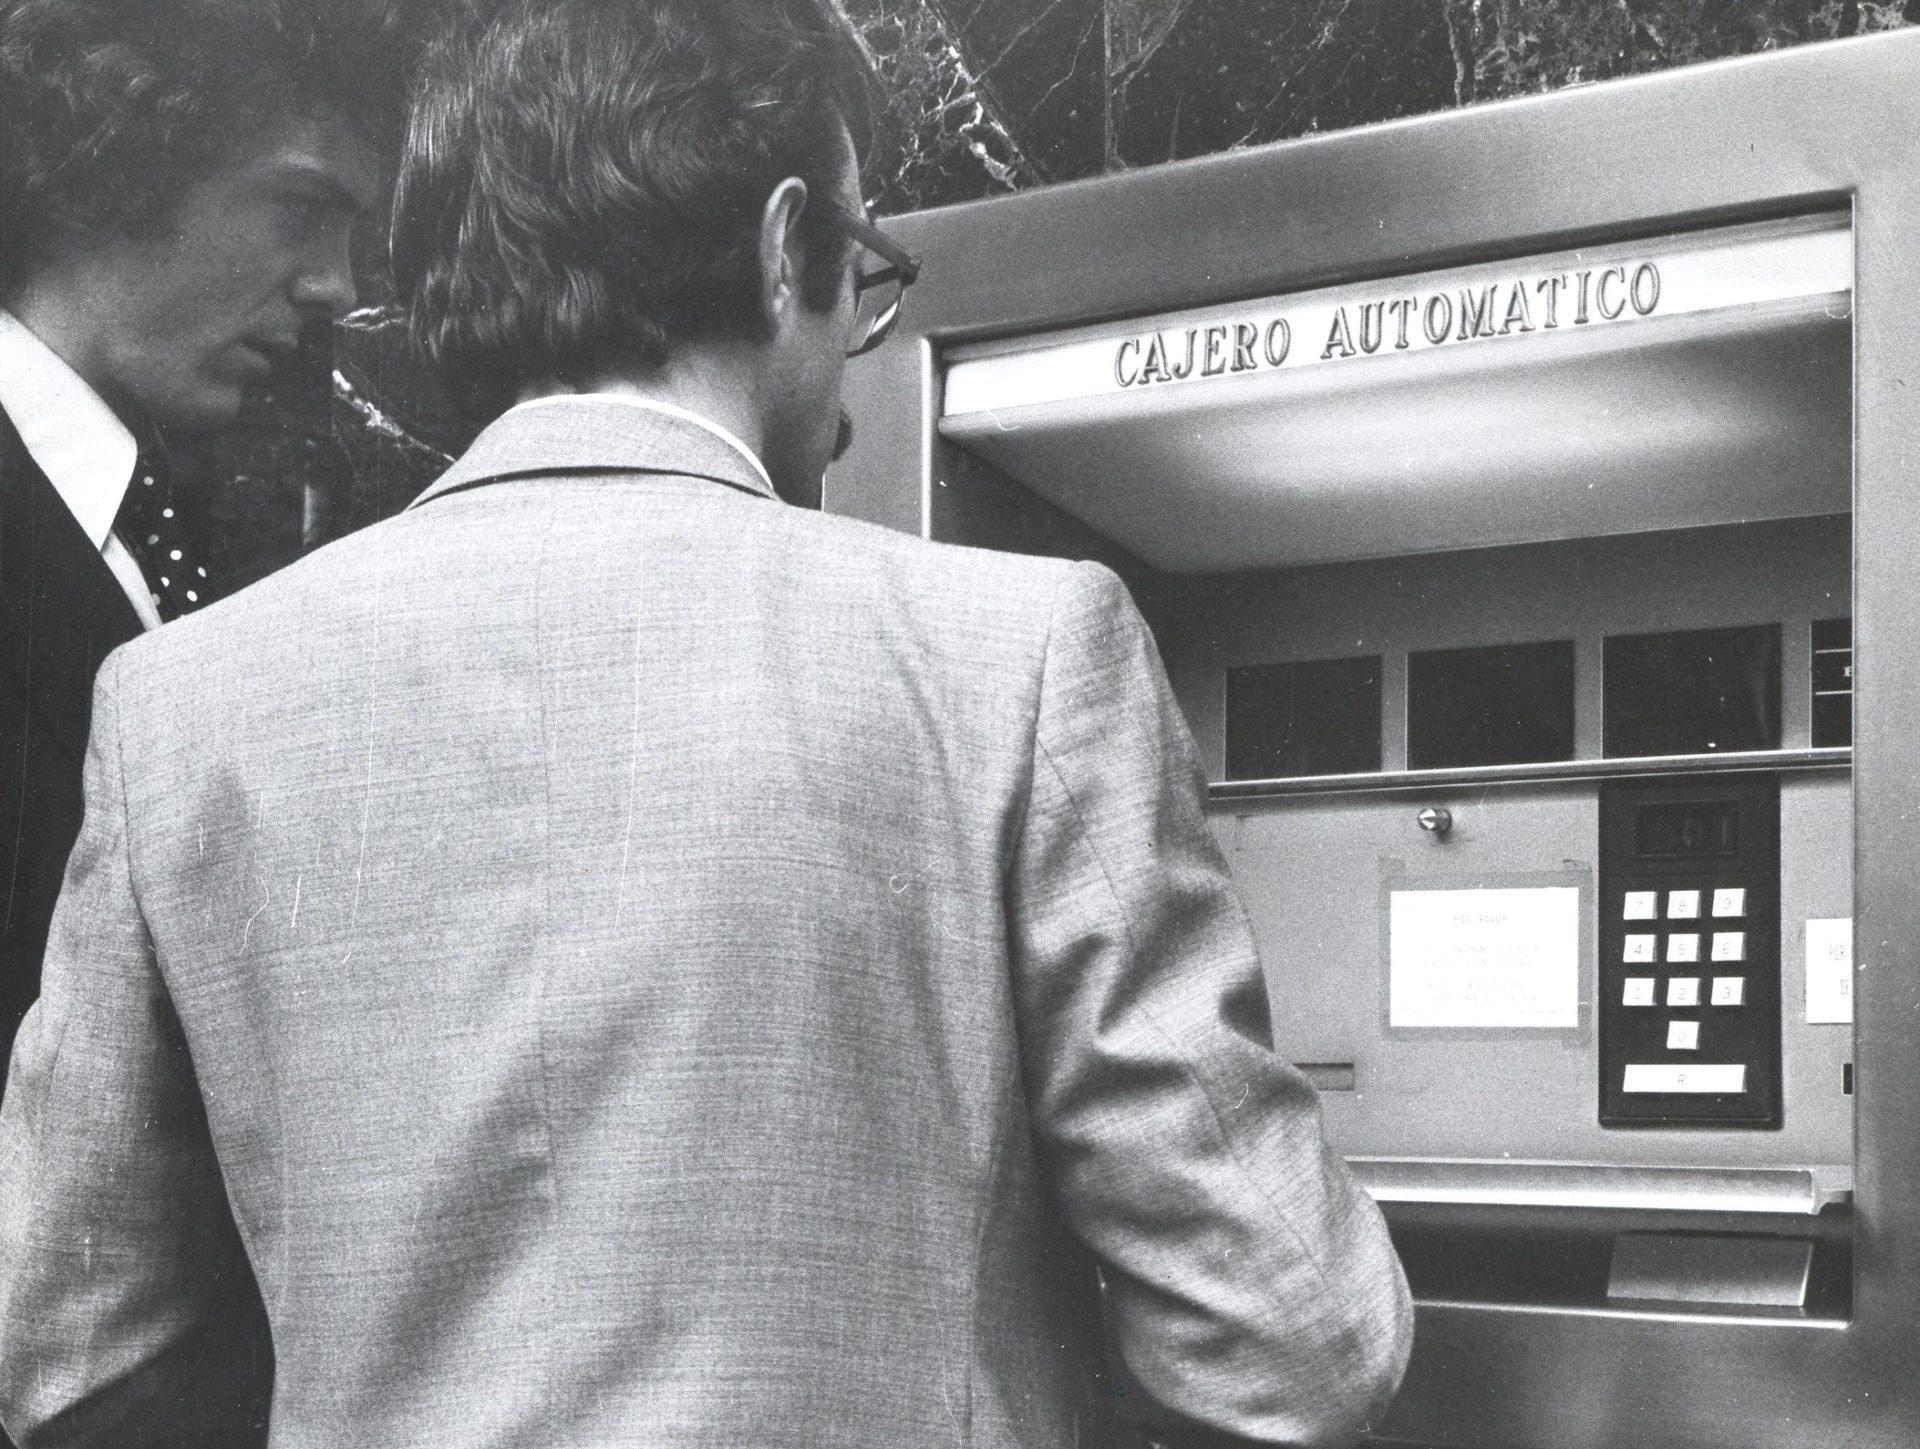 La fotografía data del 6 de junio de 1975 y fue realizada en Bilbao en la calle Gran Vía, 1. El impacto de los cajeros automáticos fue tal que sólo había que revisar los anuncios de prensa de la época. Puedes ver cómo se anunciaban en la siguiente fotografía...